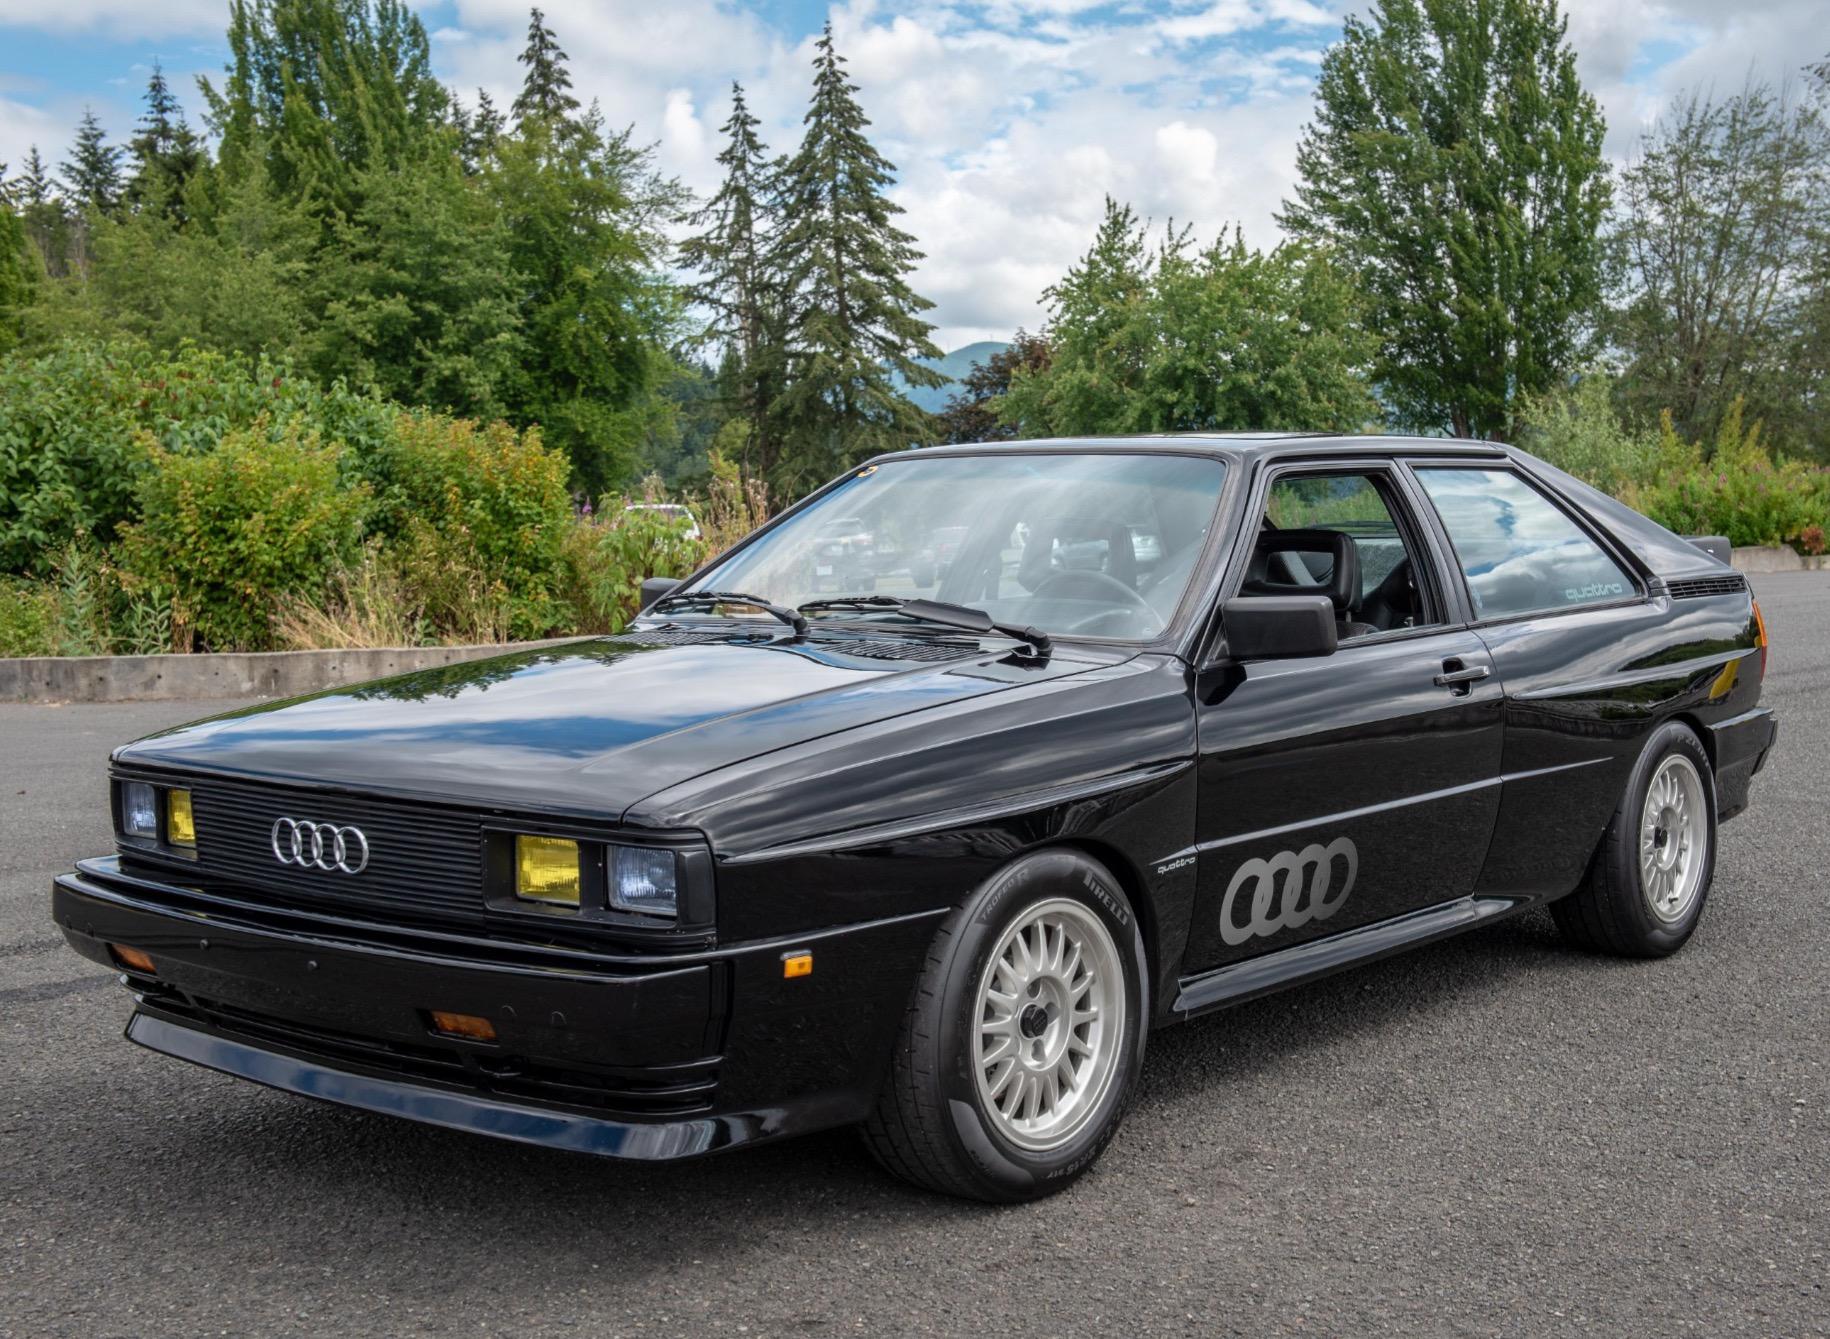 1983_audi_ur-quattro_15423042718debe87250d1a0e41983-Audi-Ur-Quattro-10.jpg